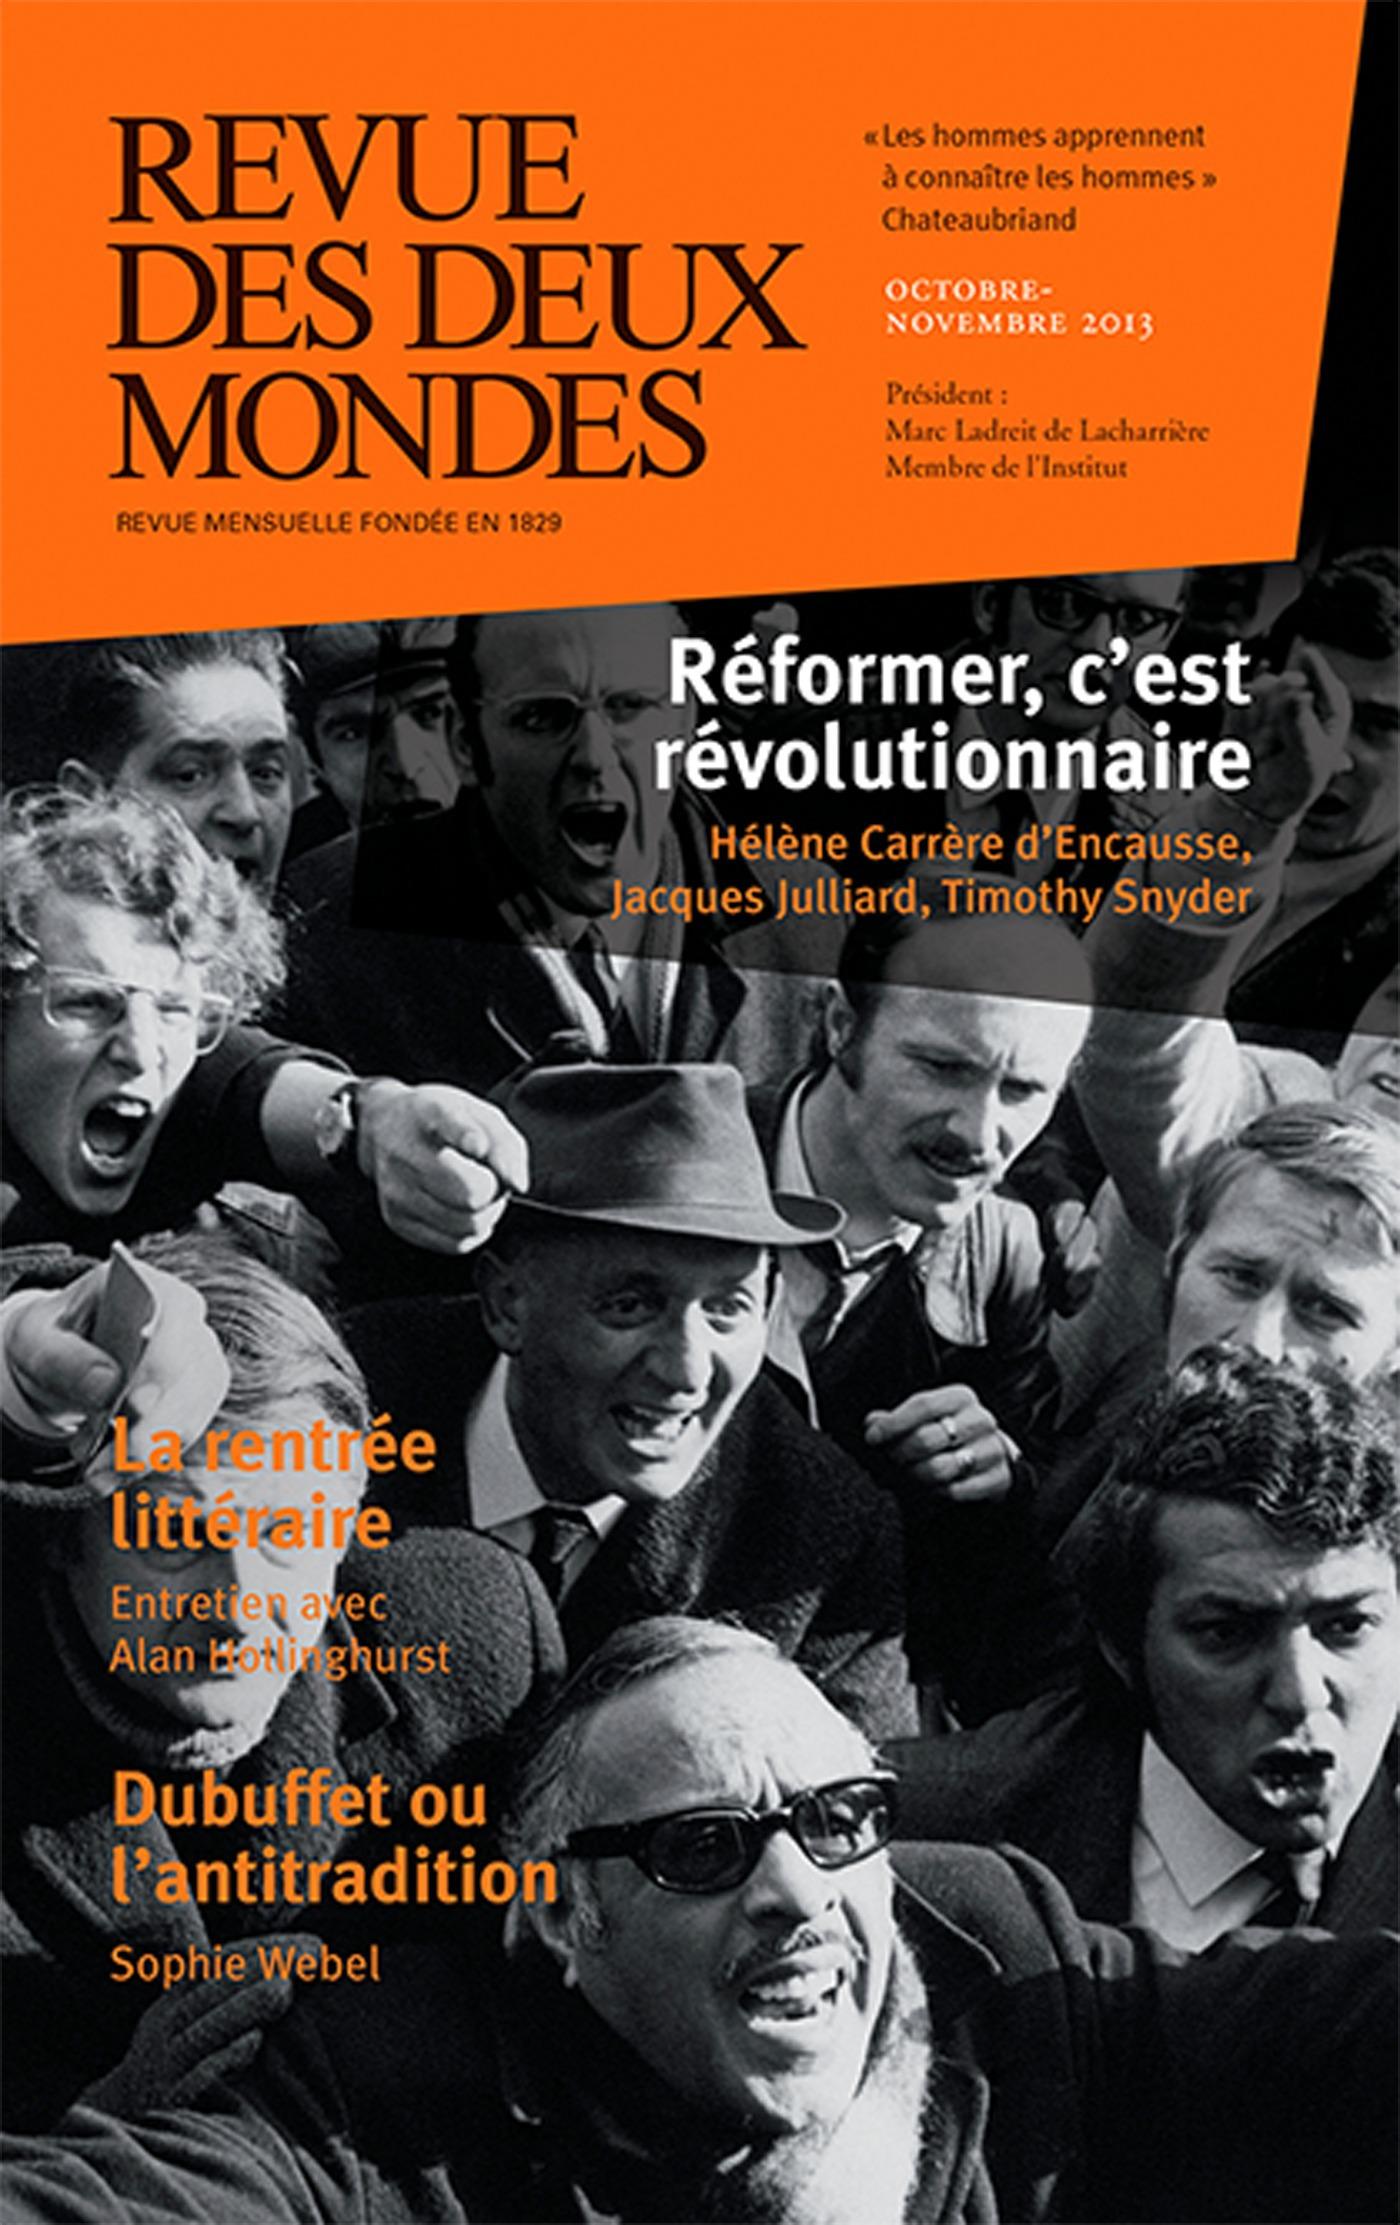 REVUE DES DEUX MONDES N.10.11 ; réformer, c'est révolutionnaire